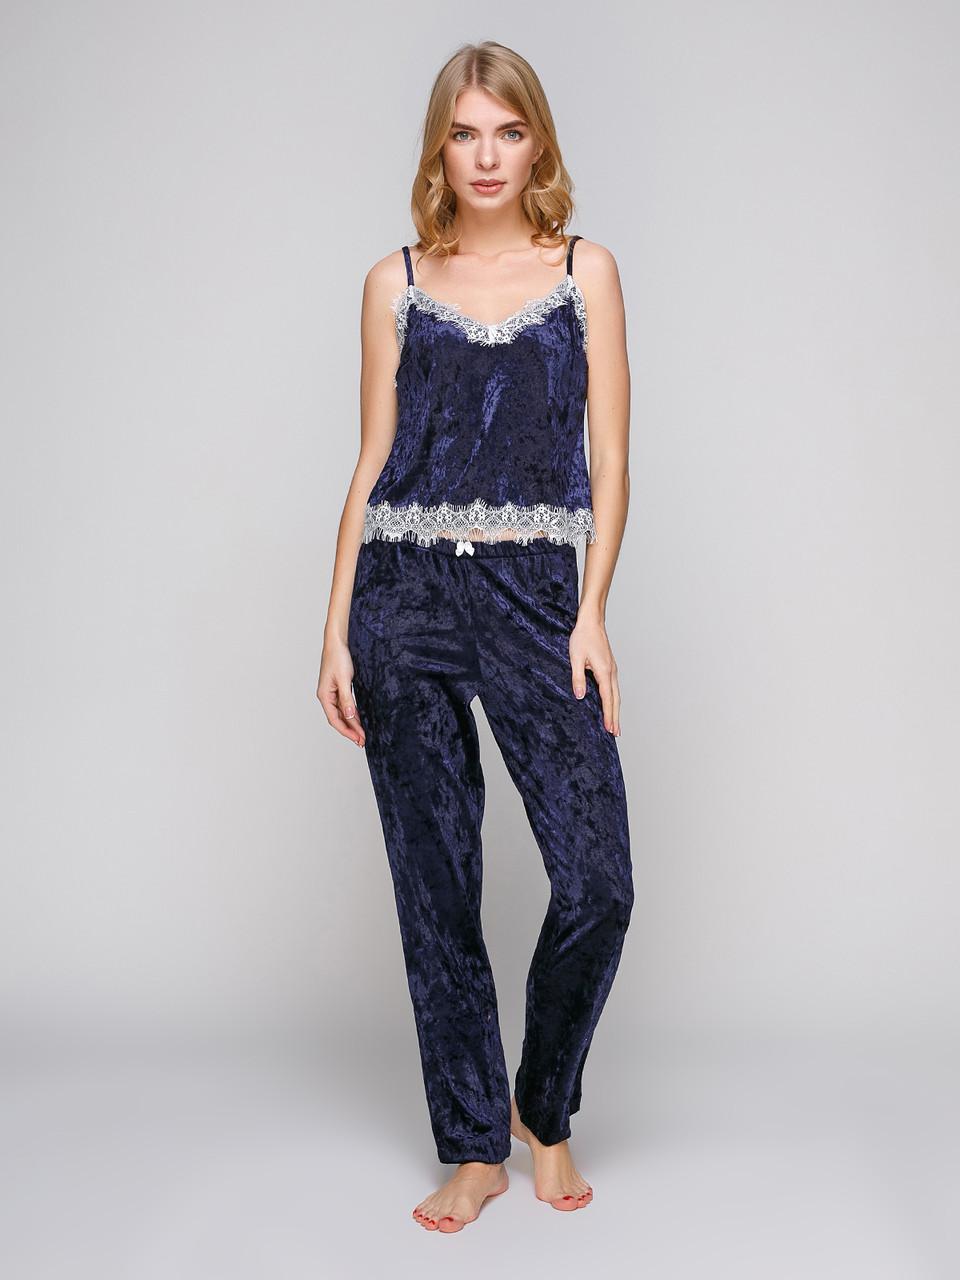 Пижама из мраморного велюра Serenade синияя с кружевом